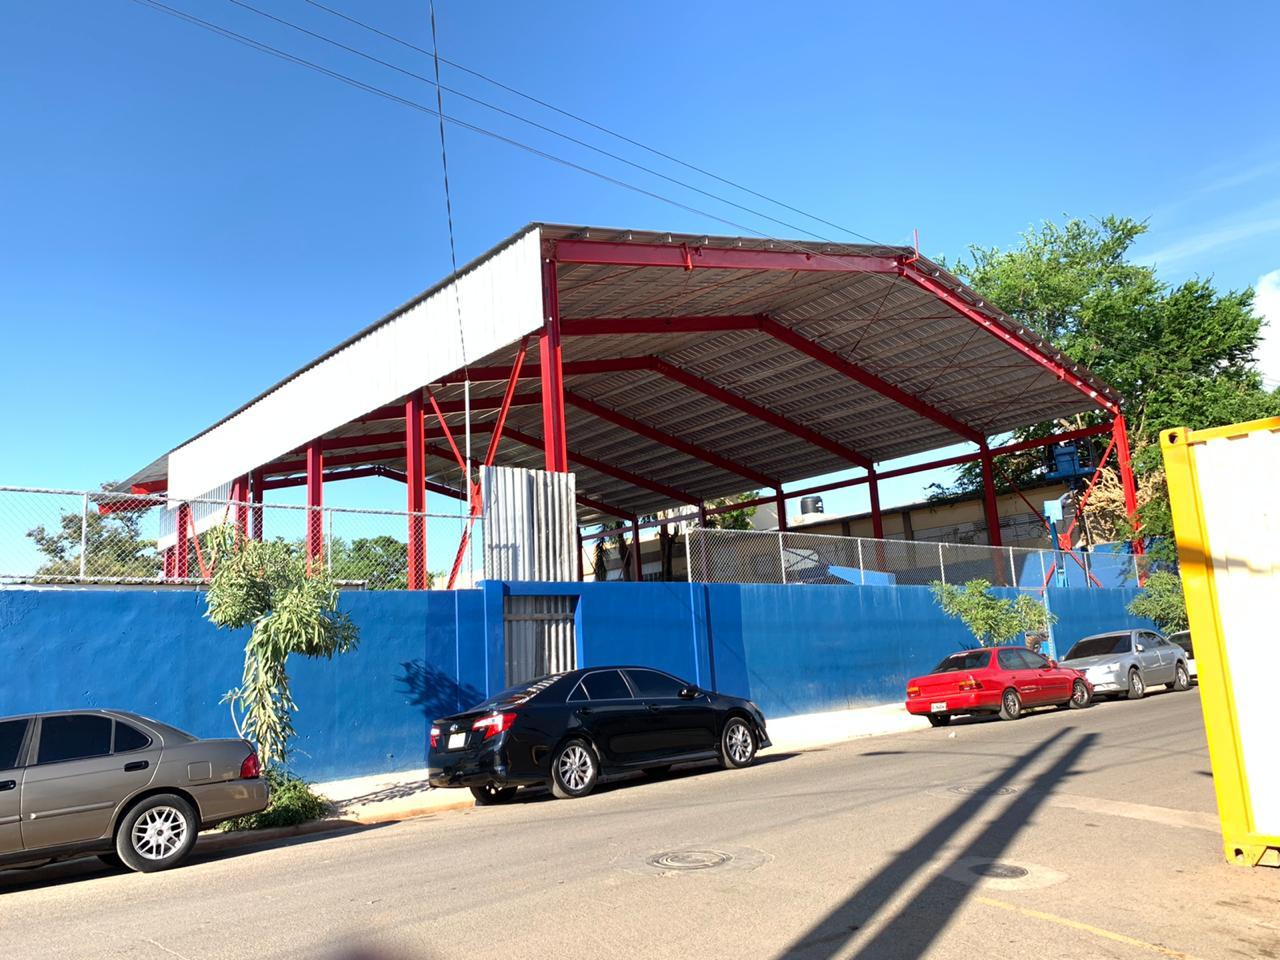 Fabricación de nave para techado Club los pioneros en Villas Agrícolas.